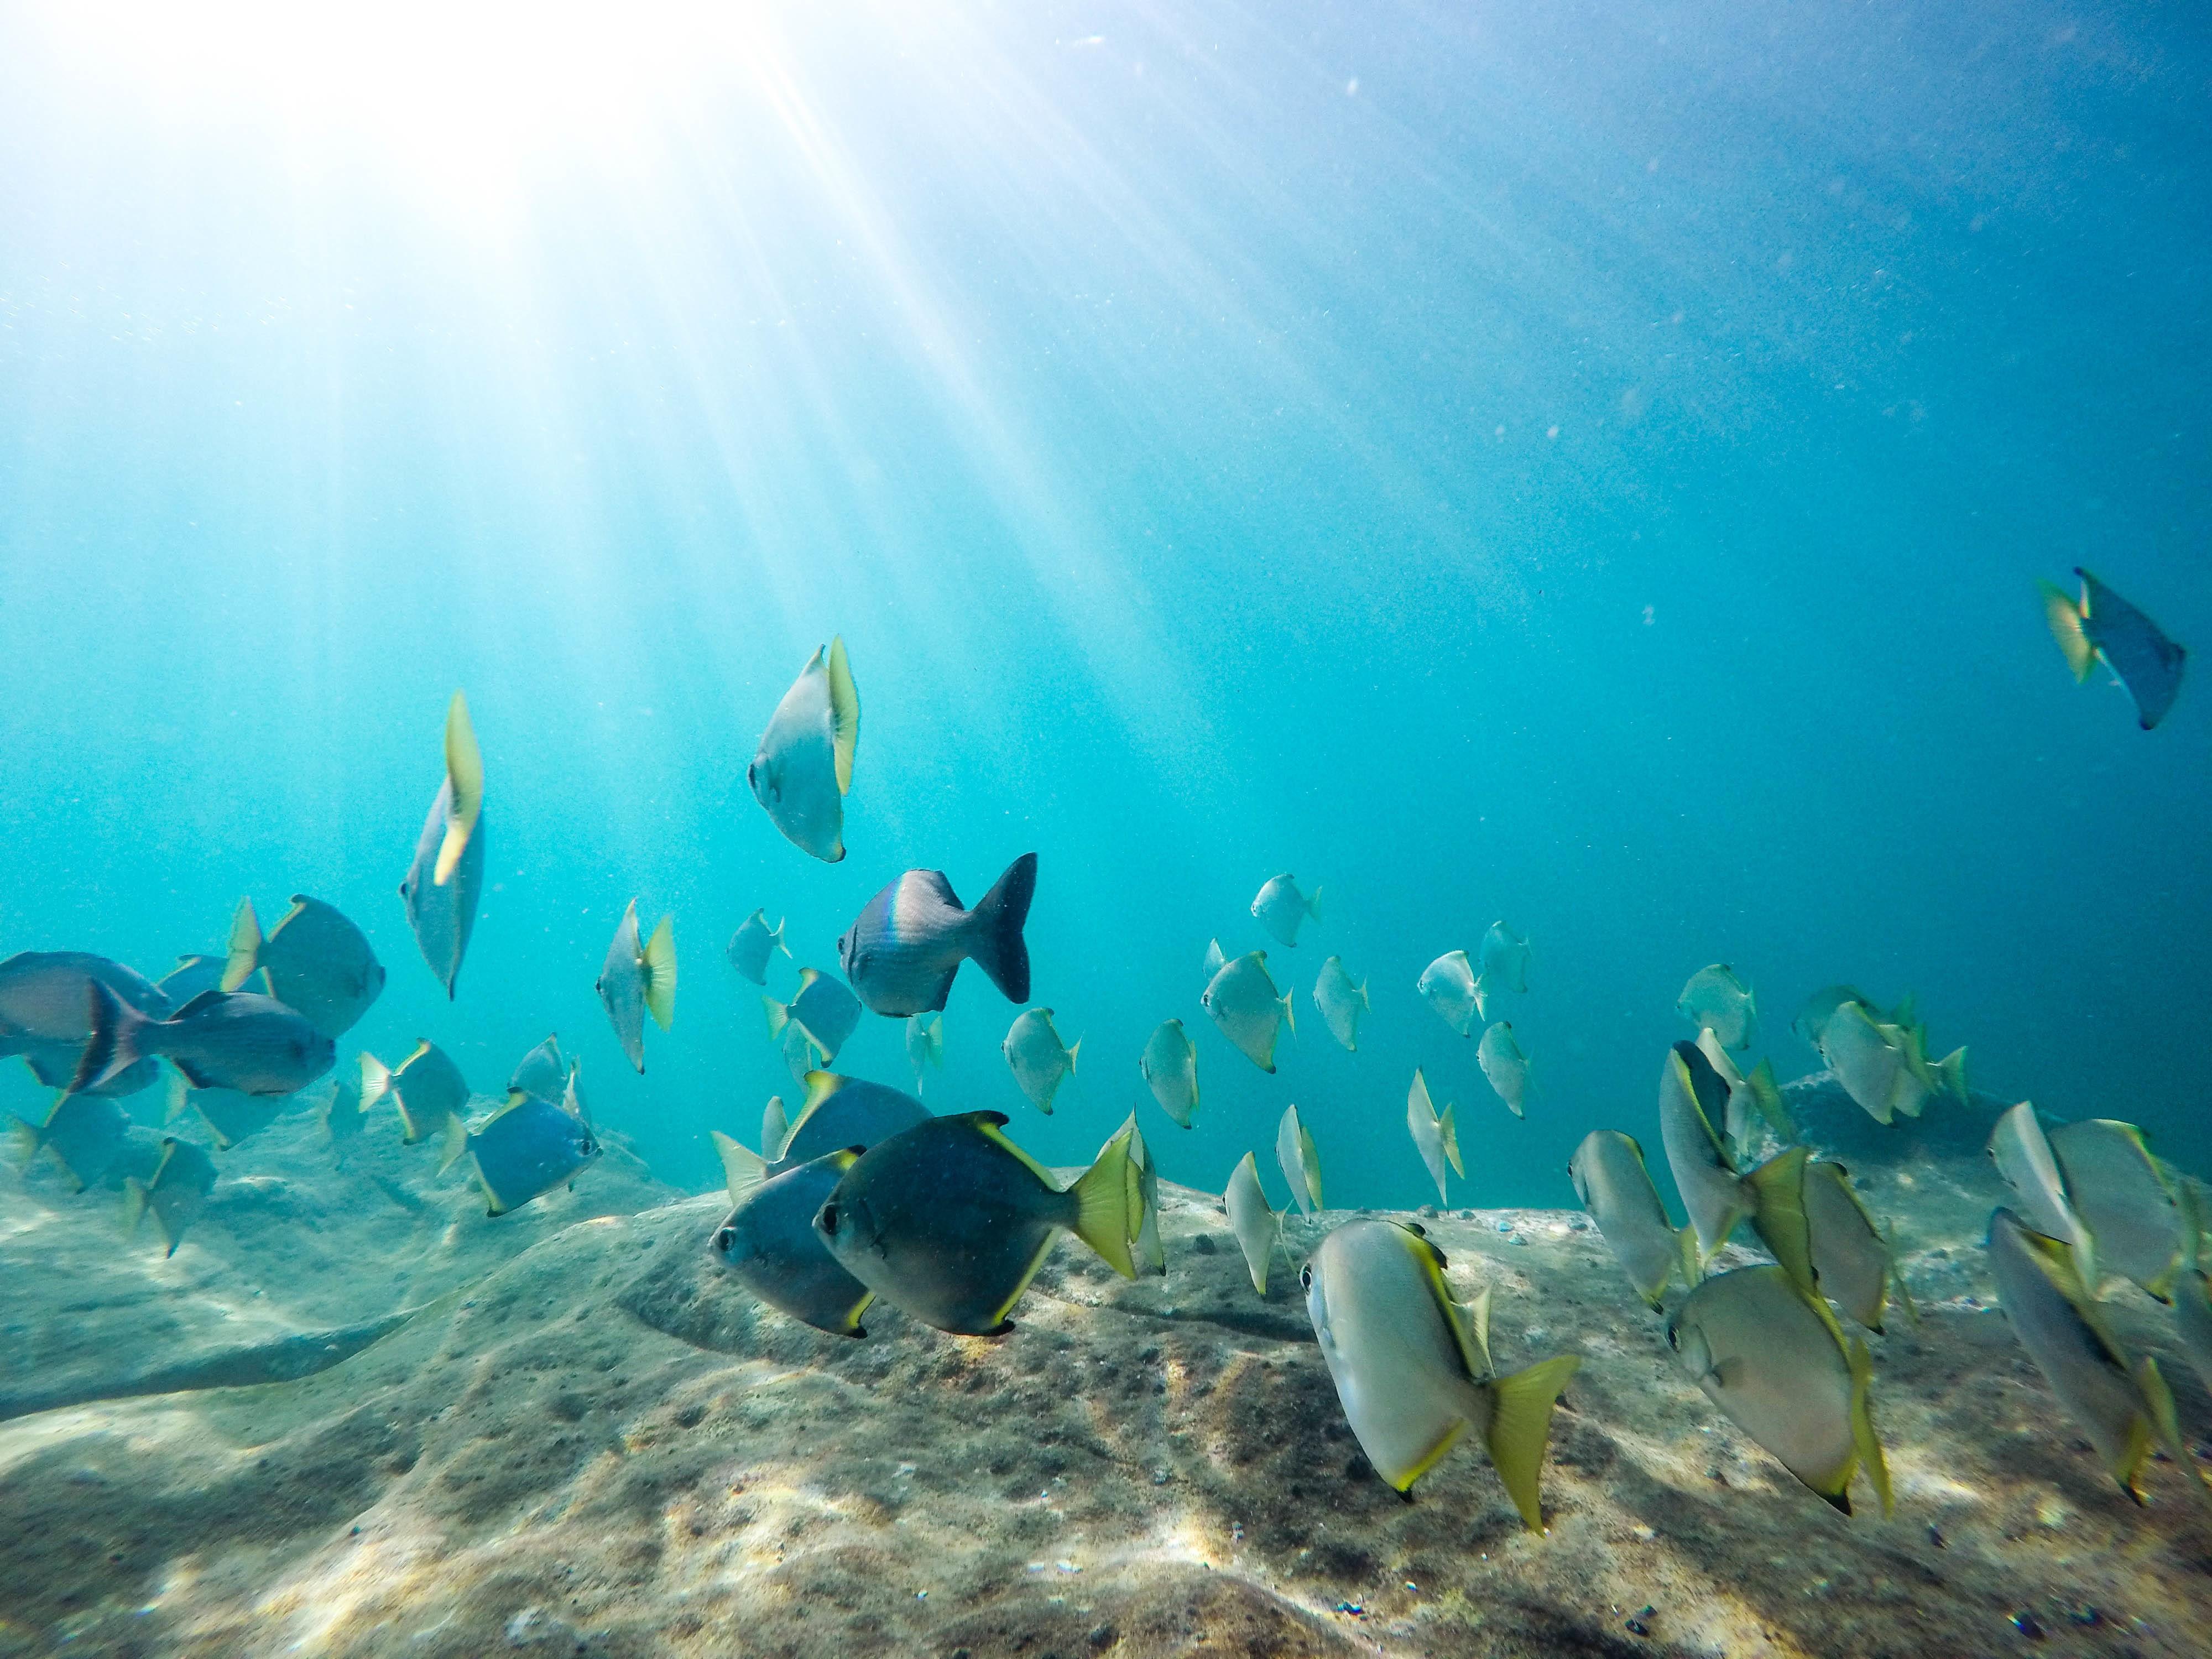 Free Images : sea, ocean, underwater, swimming, coral reef ...